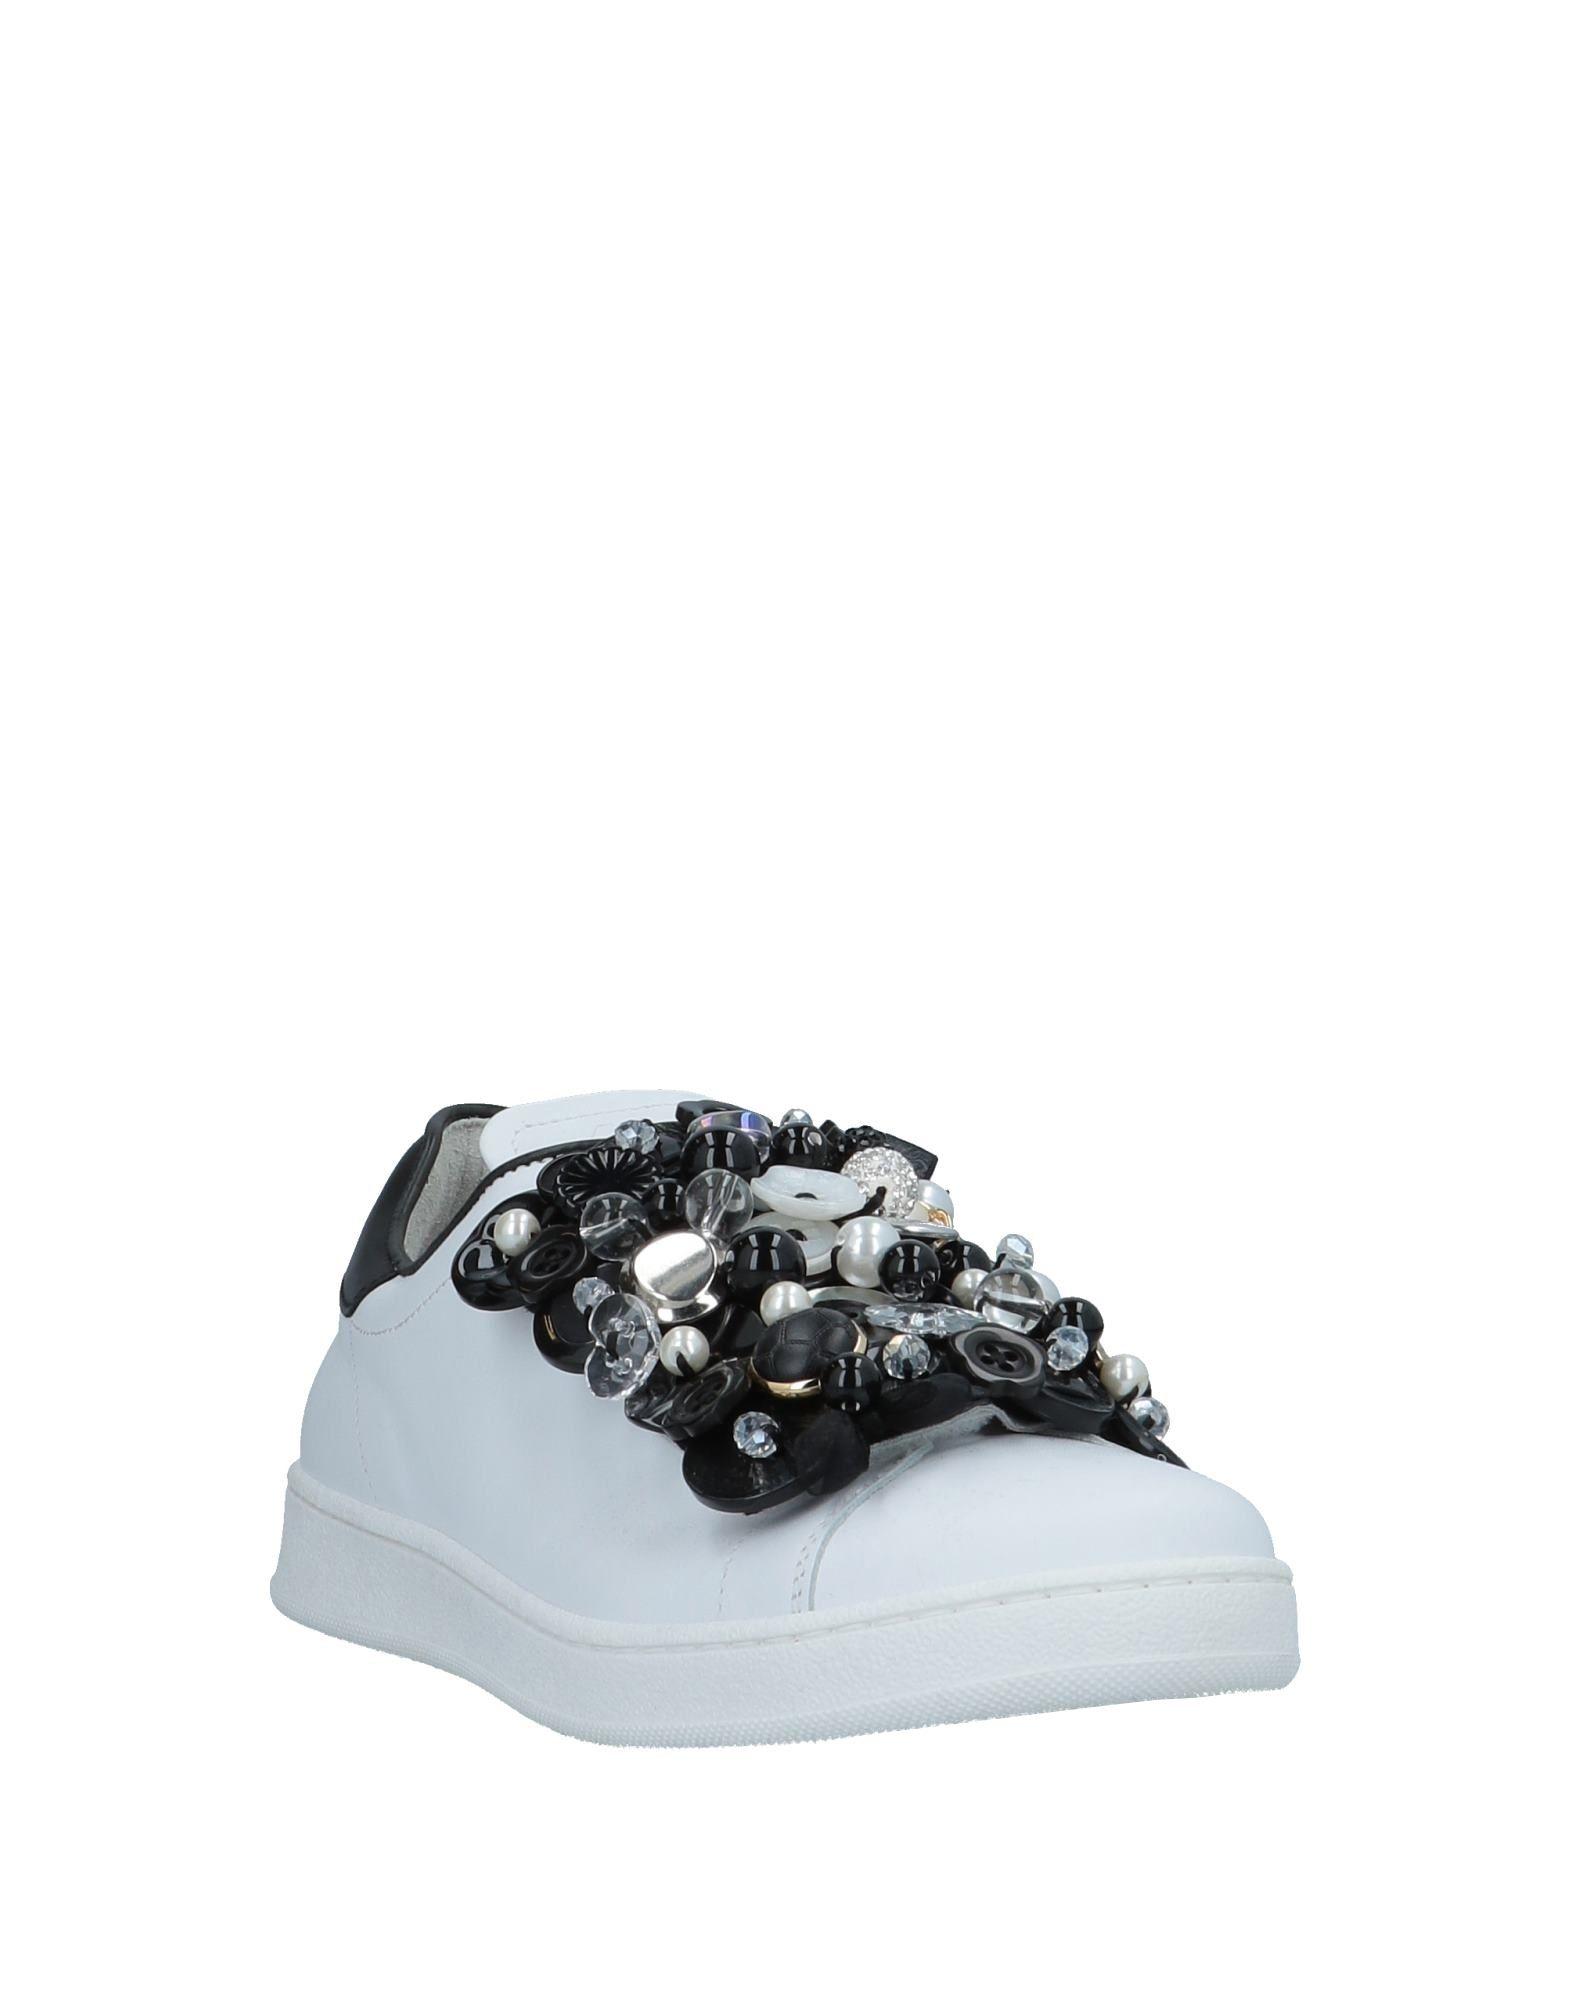 Pokemaoke aussehende Sneakers Damen  11543563IAGut aussehende Pokemaoke strapazierfähige Schuhe 881559